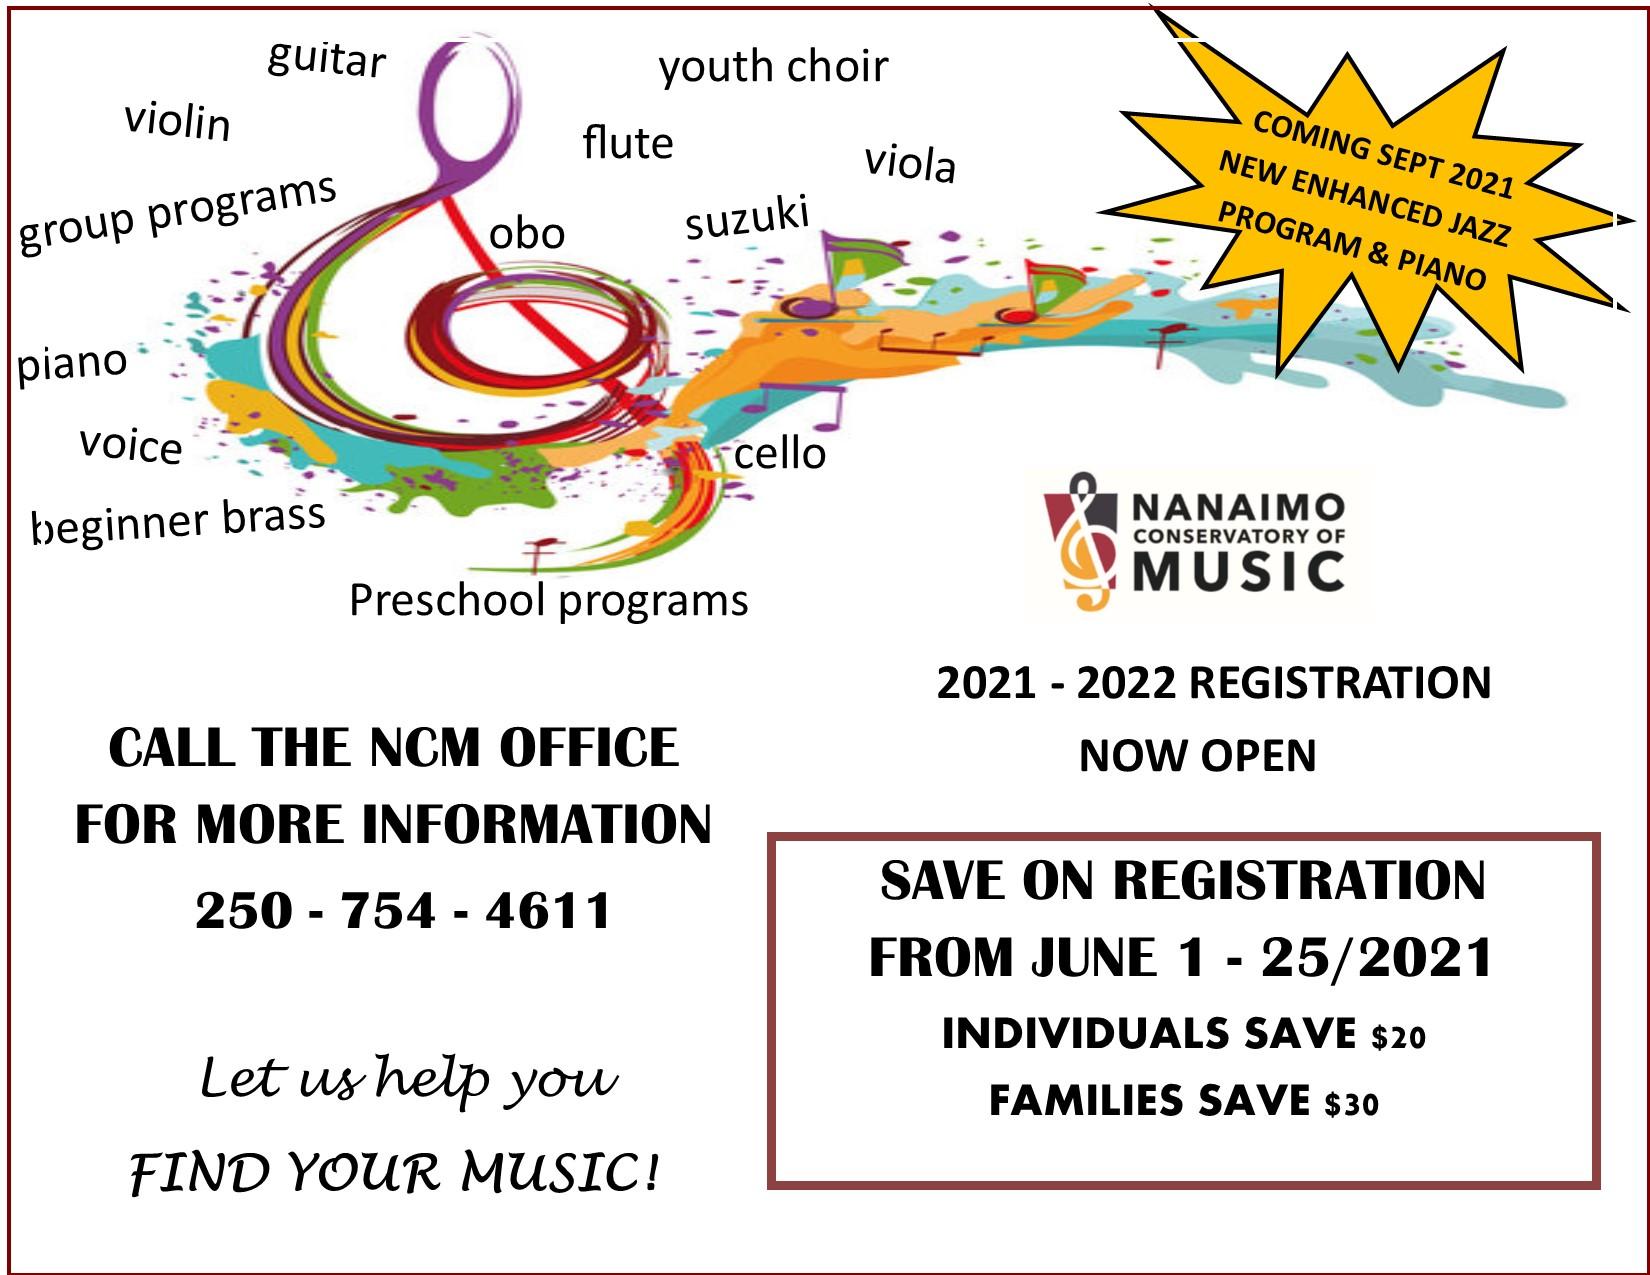 060721 - Registration deal for June